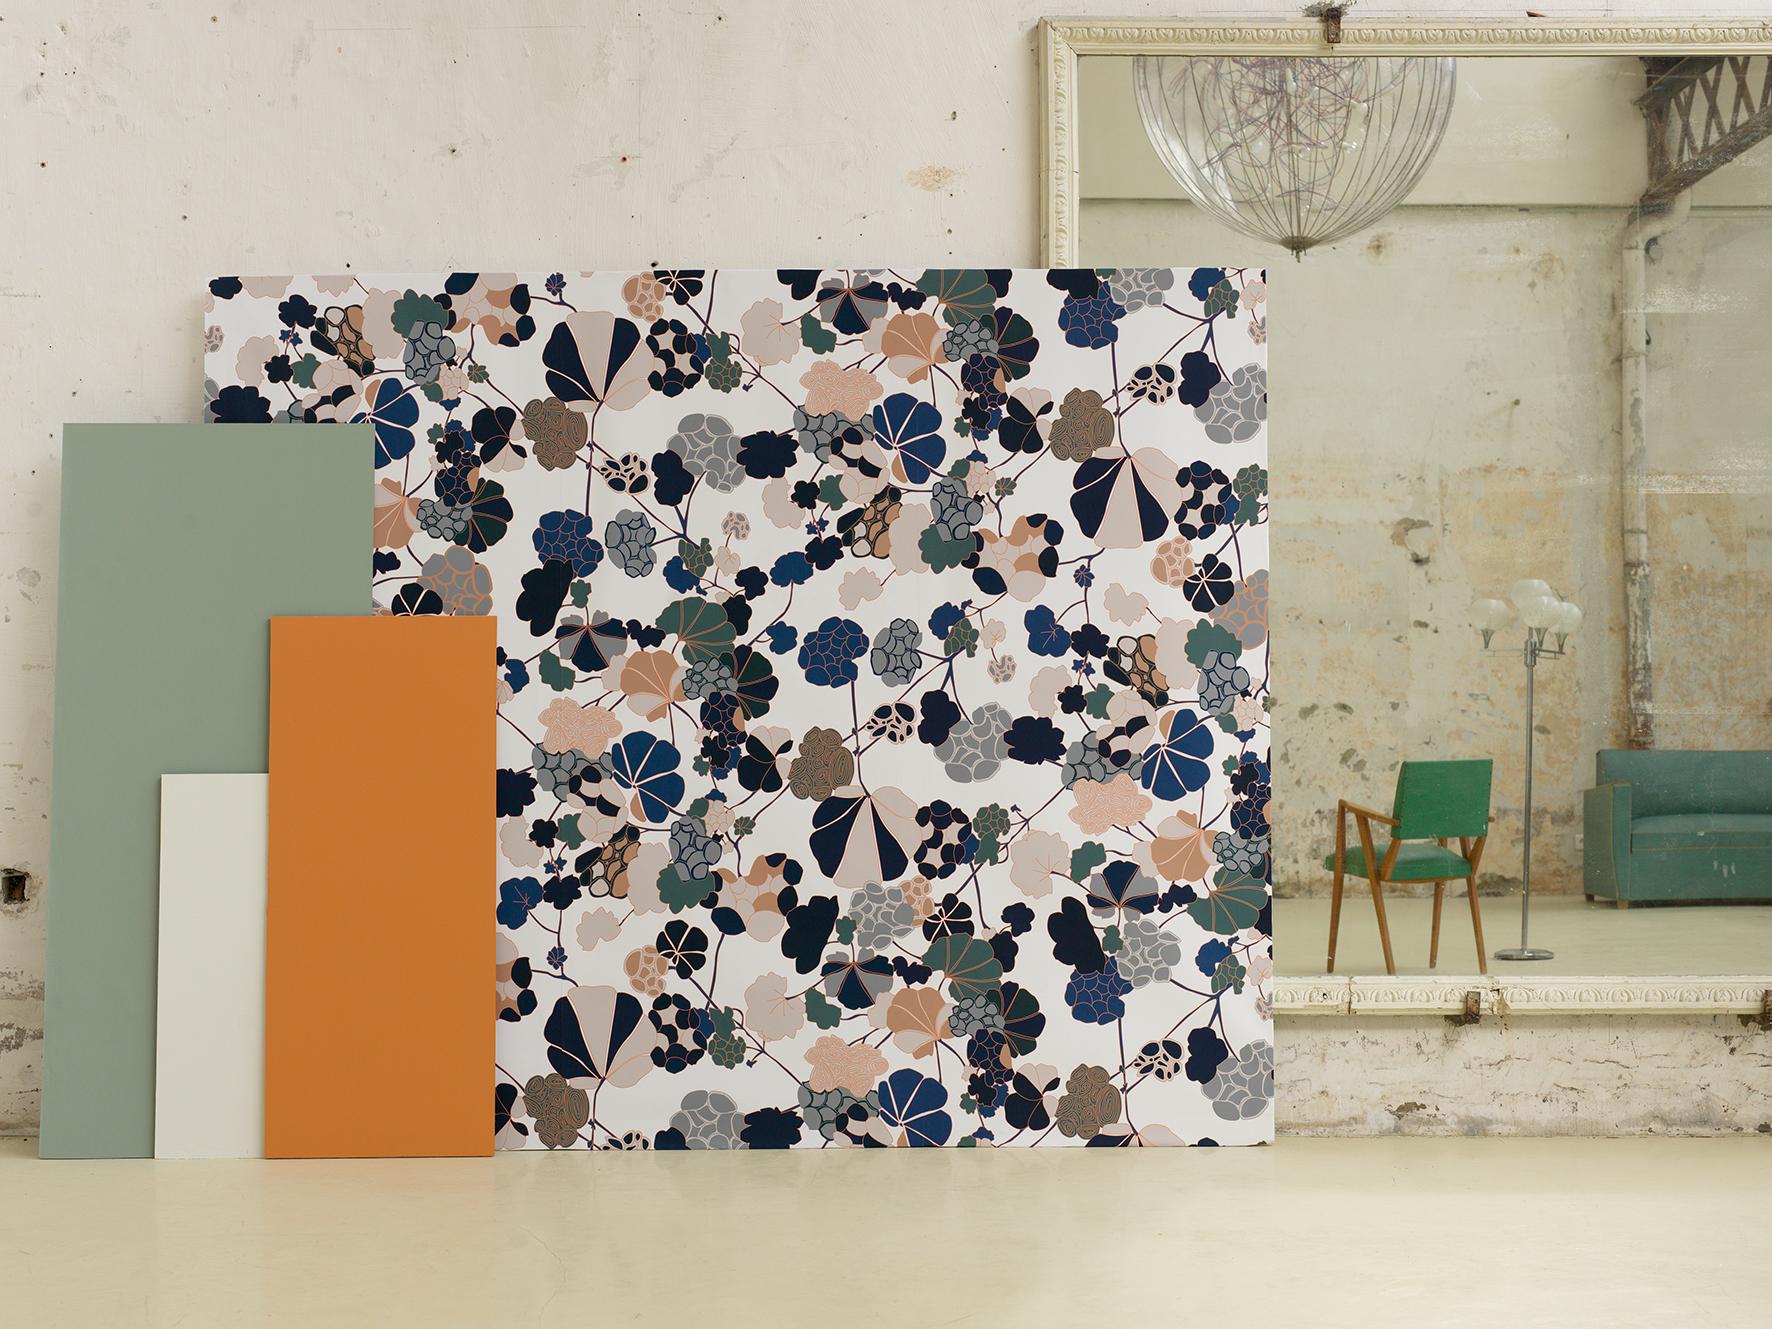 nouveaux papiers peints chez bien fait ressource les gambettes. Black Bedroom Furniture Sets. Home Design Ideas